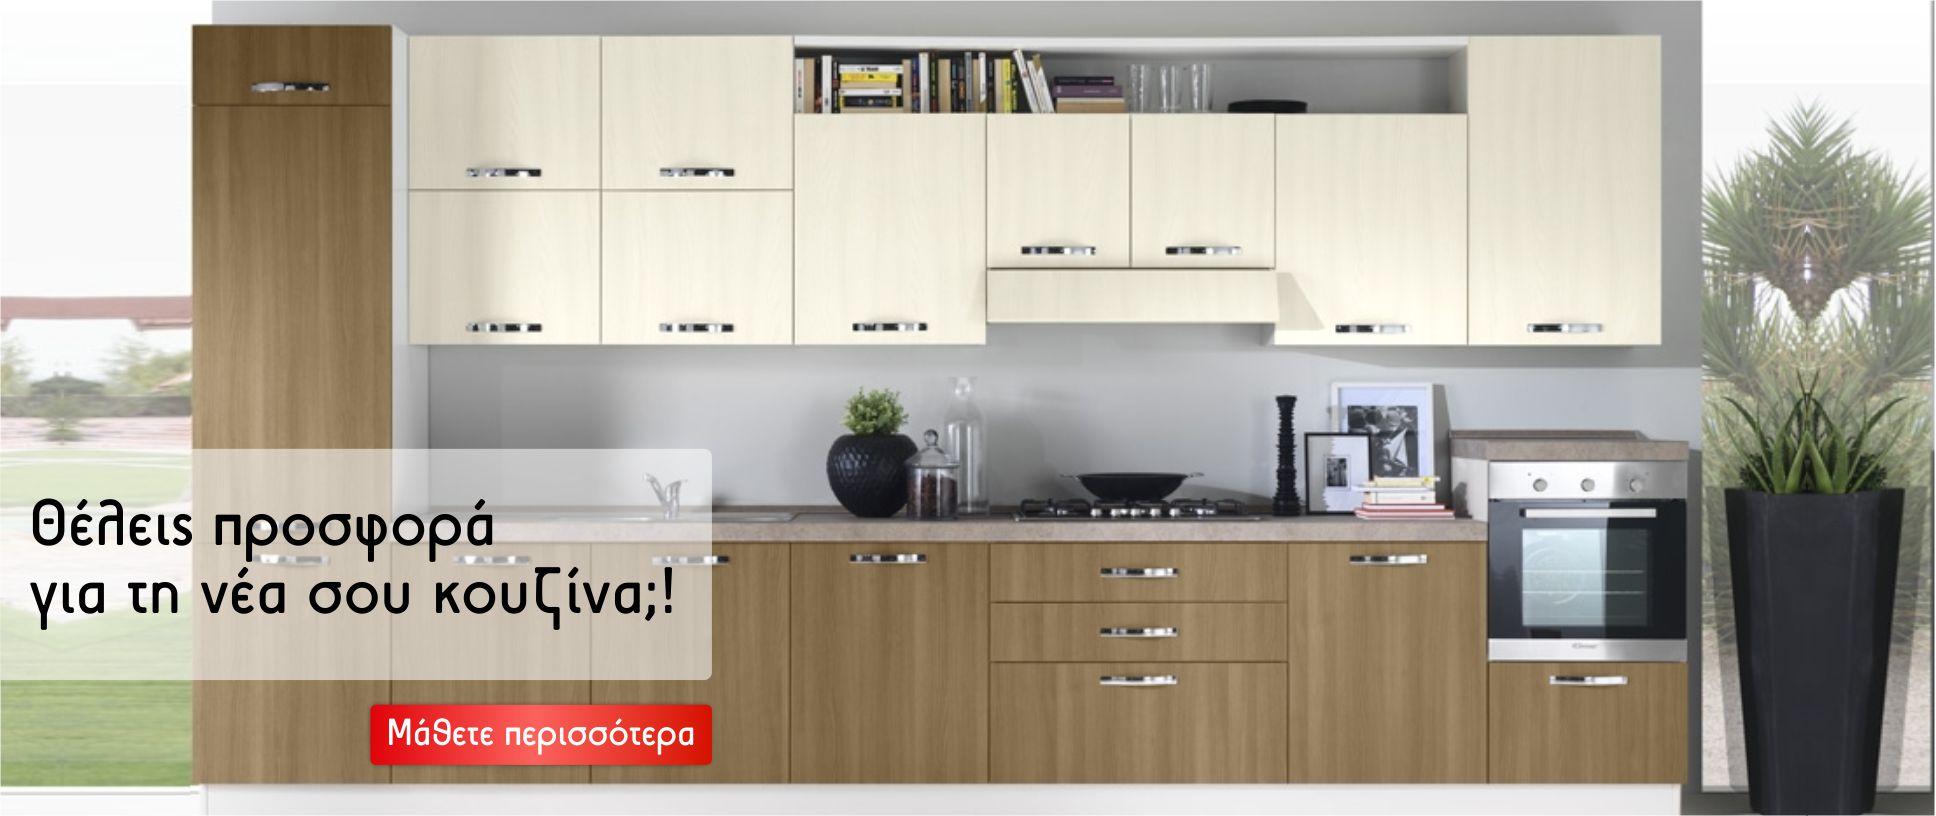 Διαφημιστικό banner προσφορα για ετοιμη κουζινα